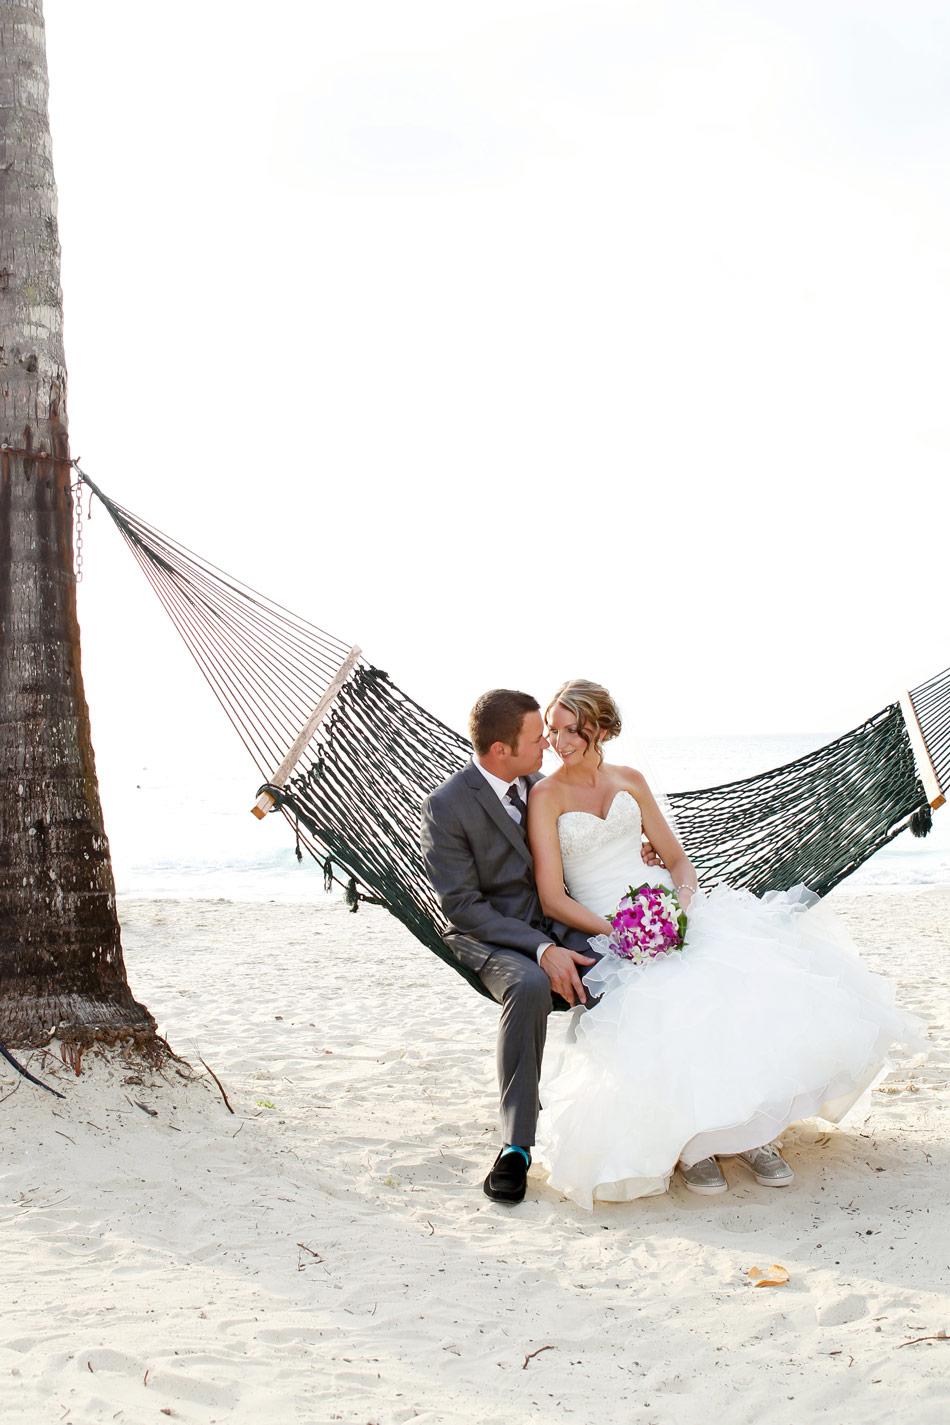 jamaica-milwaukee-destination-wedding-ruthie-hauge-photography-43.jpg